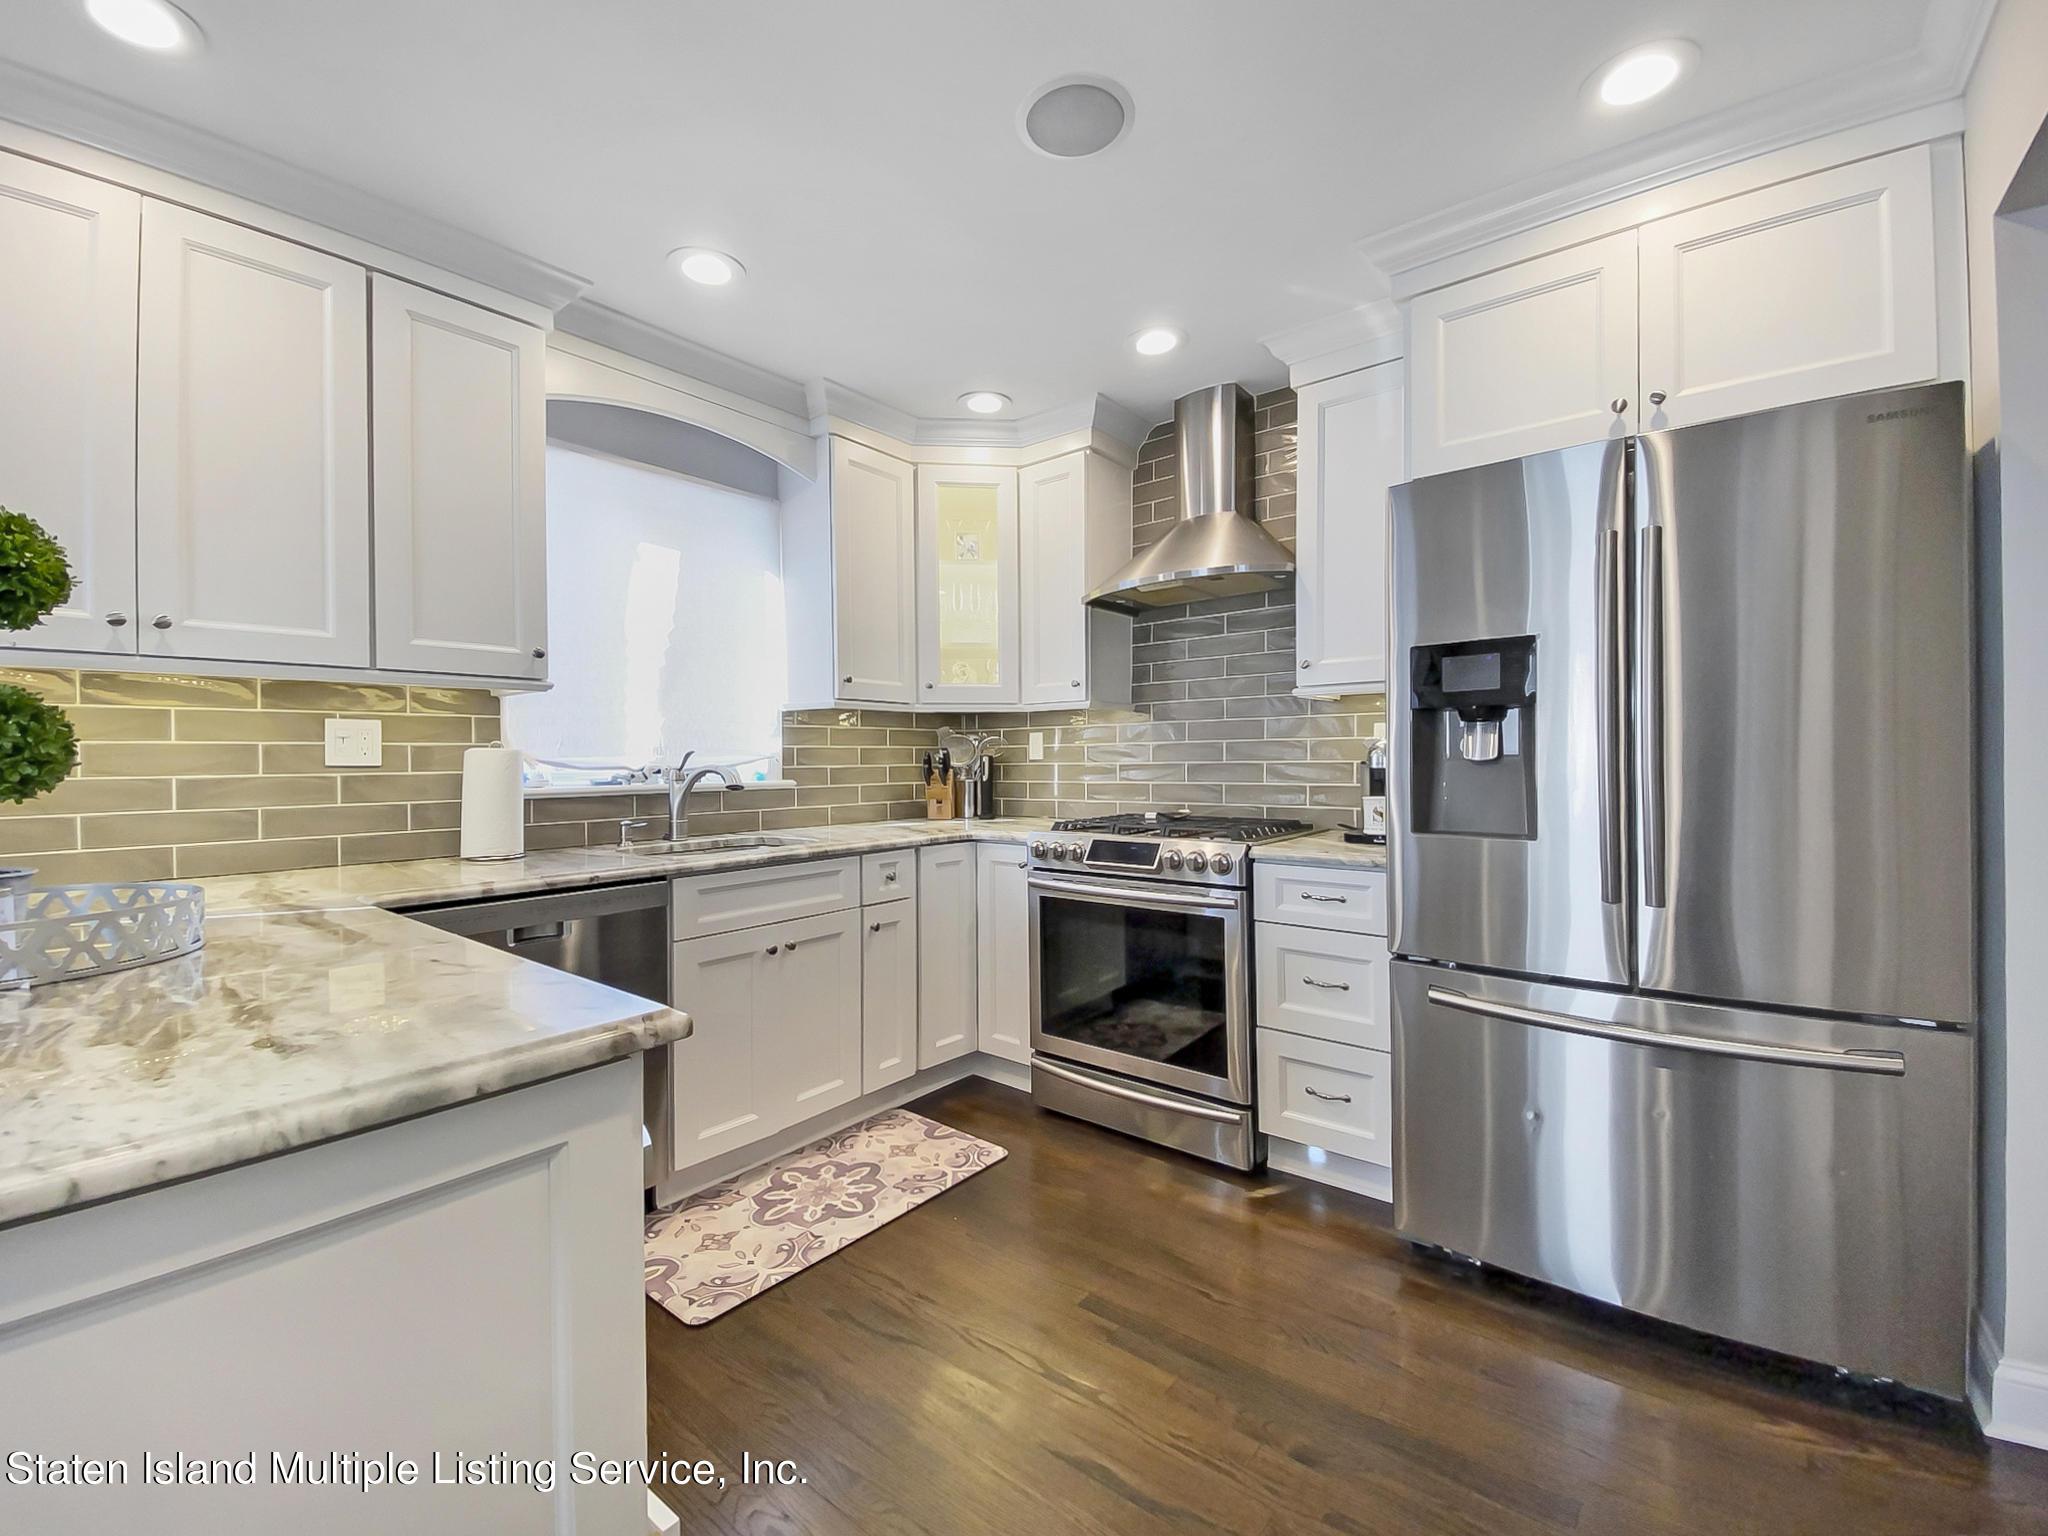 Single Family - Detached 543 Wainwright Avenue  Staten Island, NY 10312, MLS-1143141-18